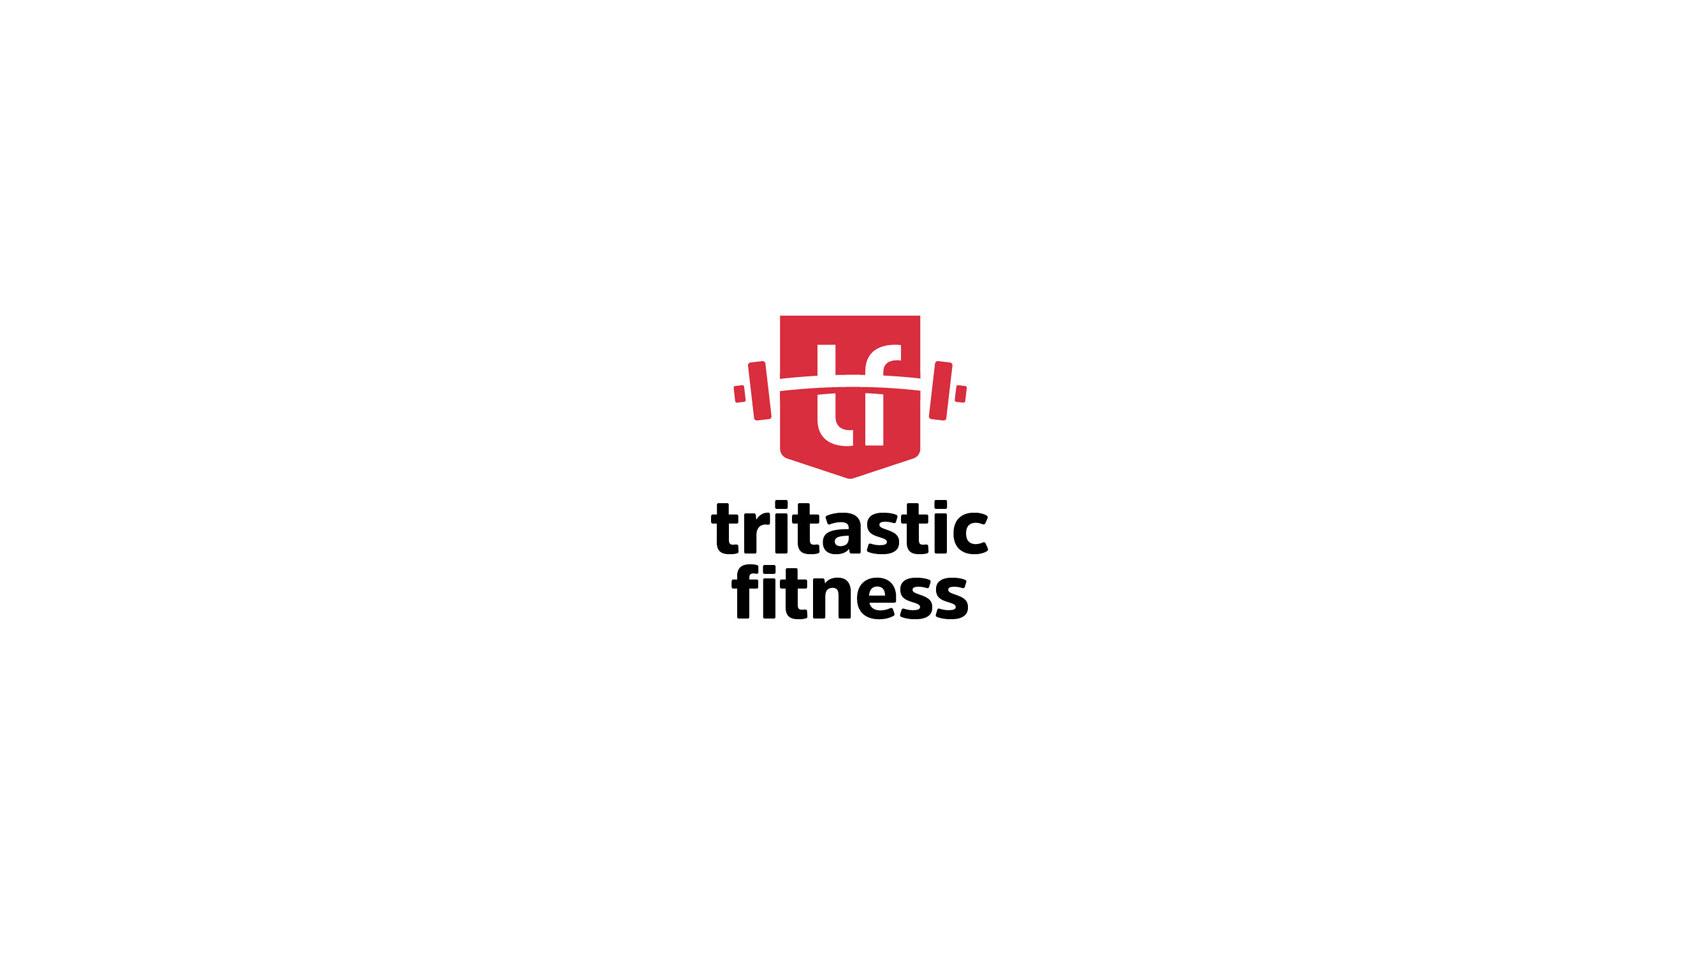 tritastic fitness logo design